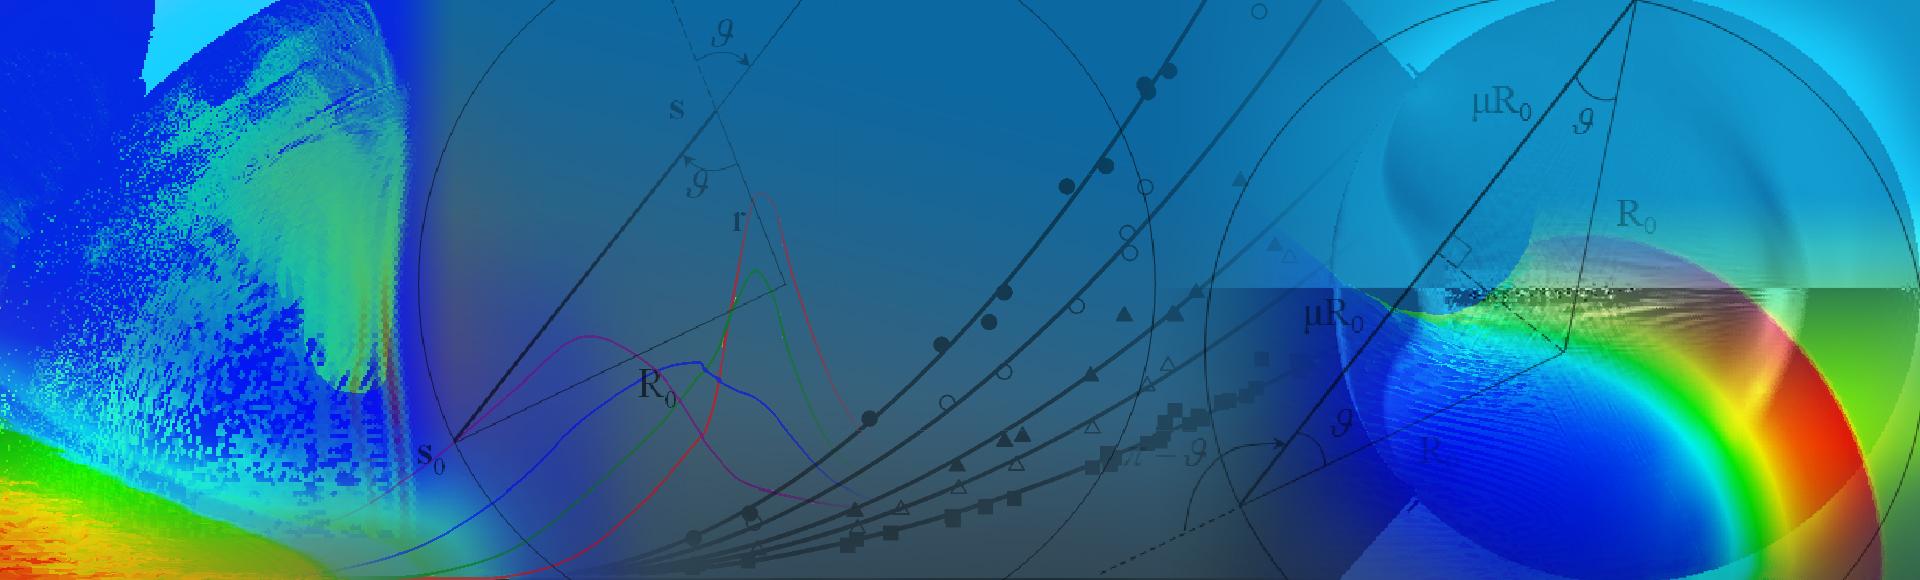 Математическое моделирование физических процессов